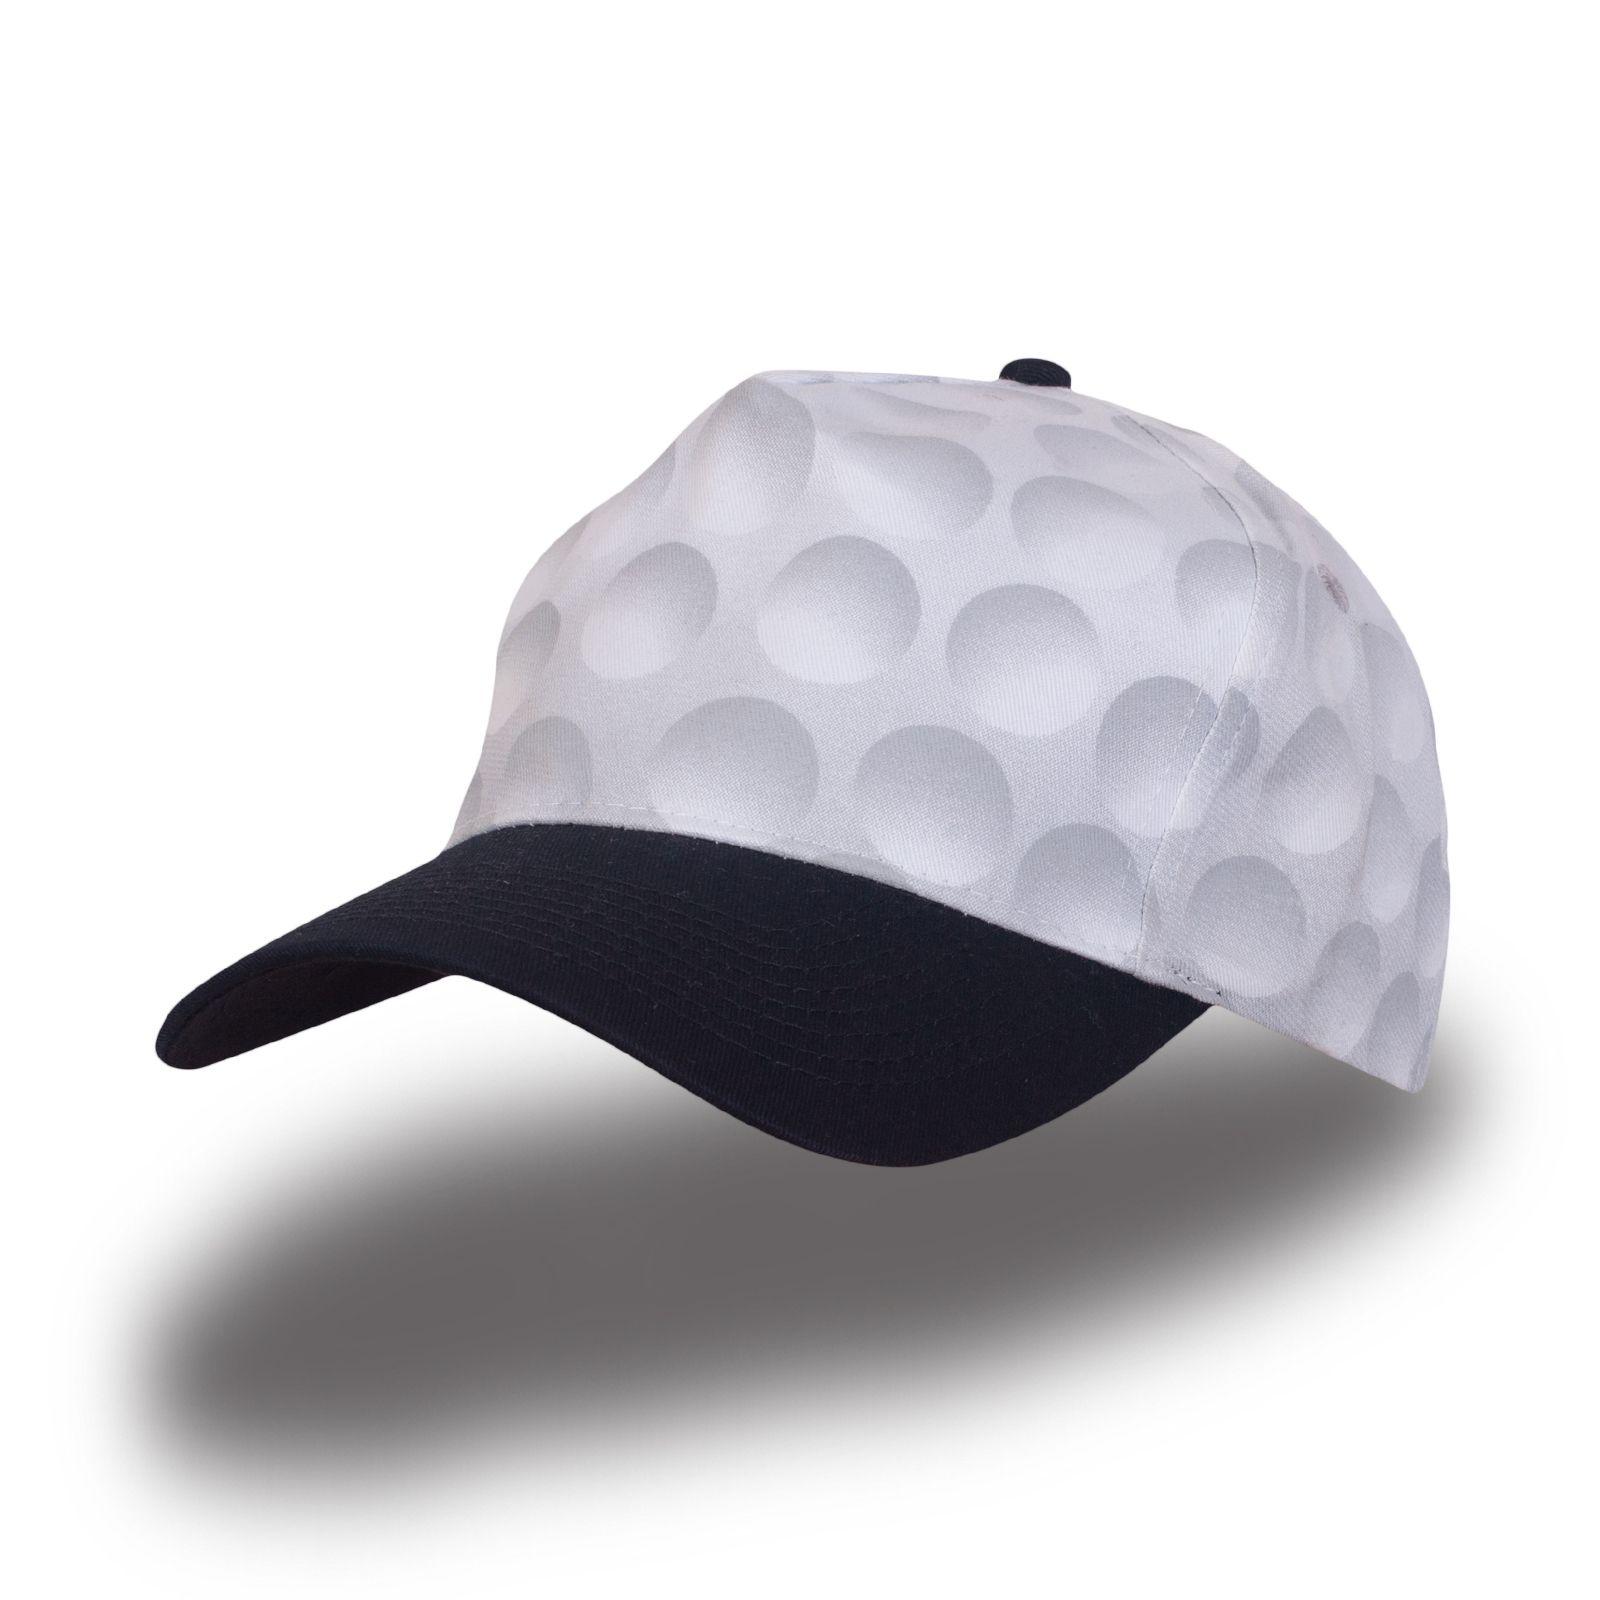 Белая кепка - купить в интернет-магазине с доставкой